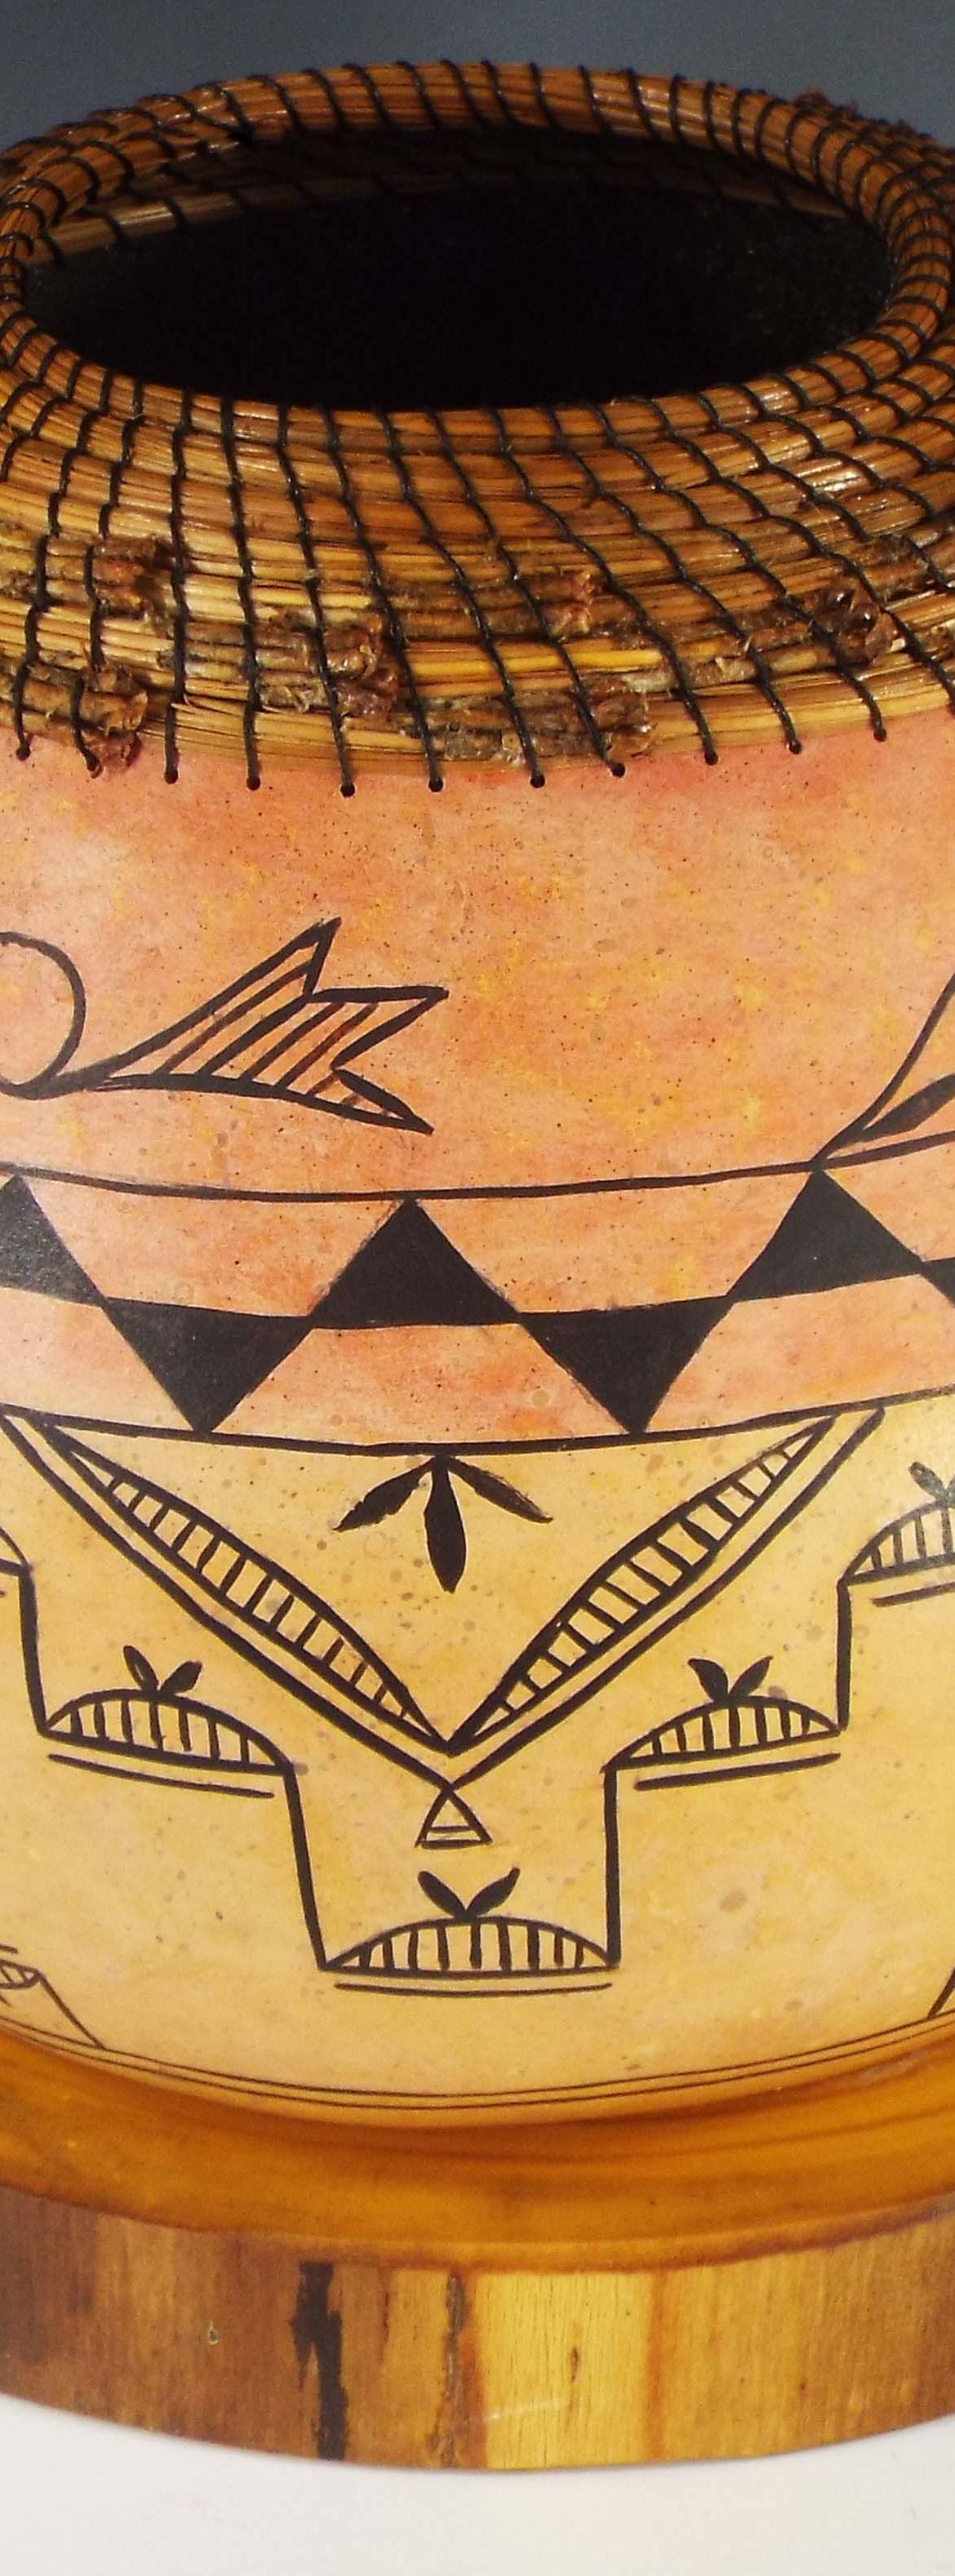 Pueblo Style, Judy Richie Gourd Art, Rogoway Gallery